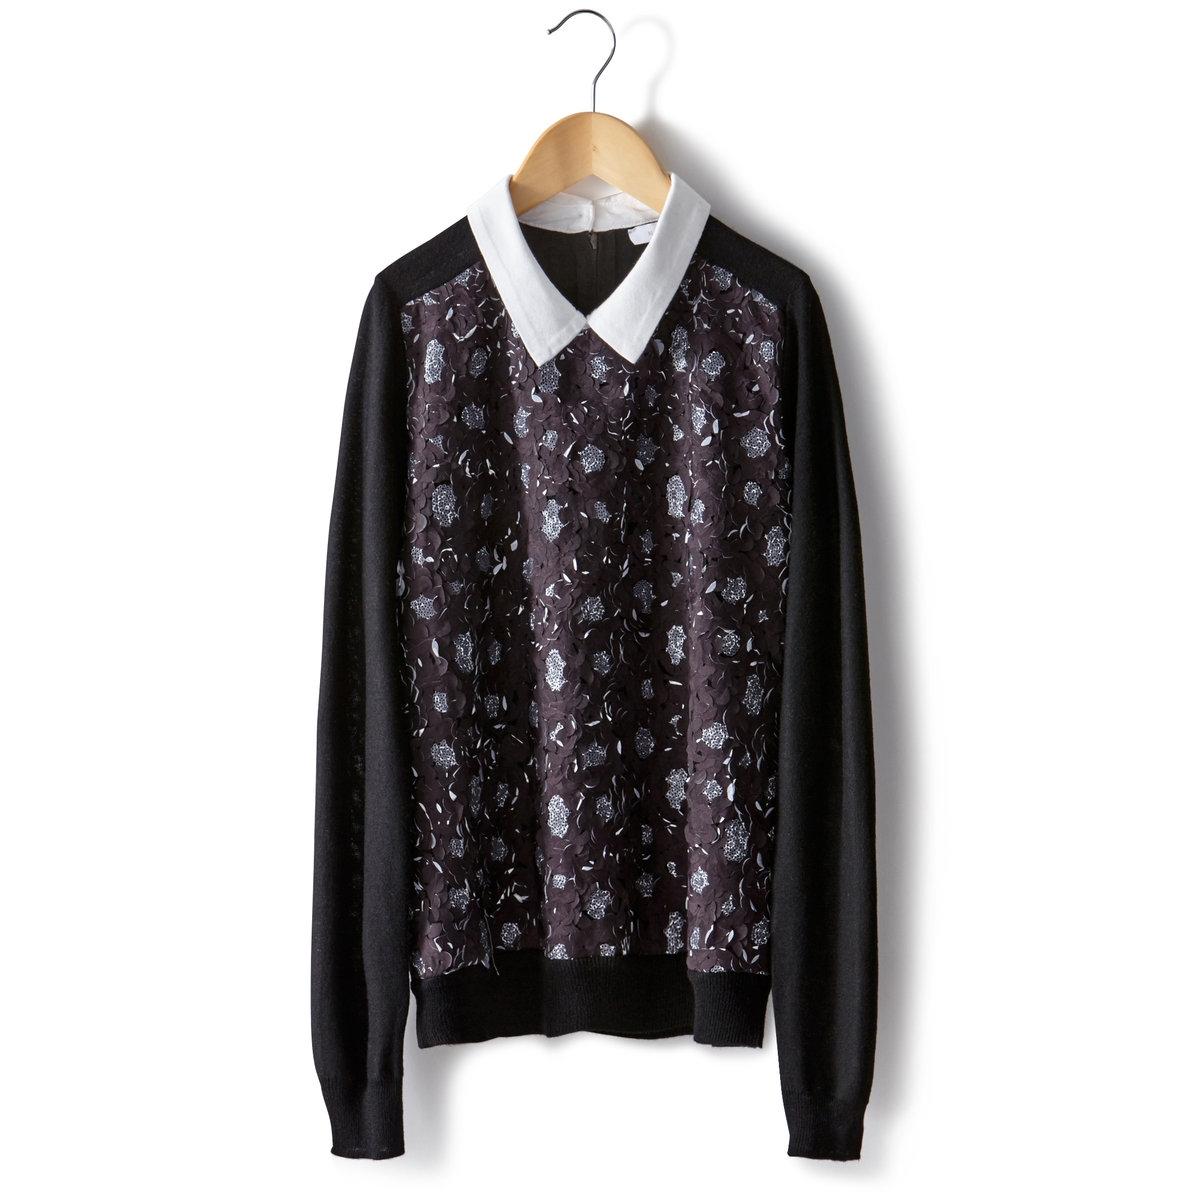 ПуловерПуловер MADEMOISELLE R. Пуловер с рубашечным воротником из хлопкового поплина. Длинные рукава.Рельефная блестящая ткань с цветочным эффектом. Низ и манжеты связаны в рубчик. Длина 59 см.Пуловер, 40% полиэстера, 20% полиамида, 20% акрила, 20% шерсти.<br><br>Цвет: черный<br>Размер: 30/32 (FR) - 36/38 (RUS)